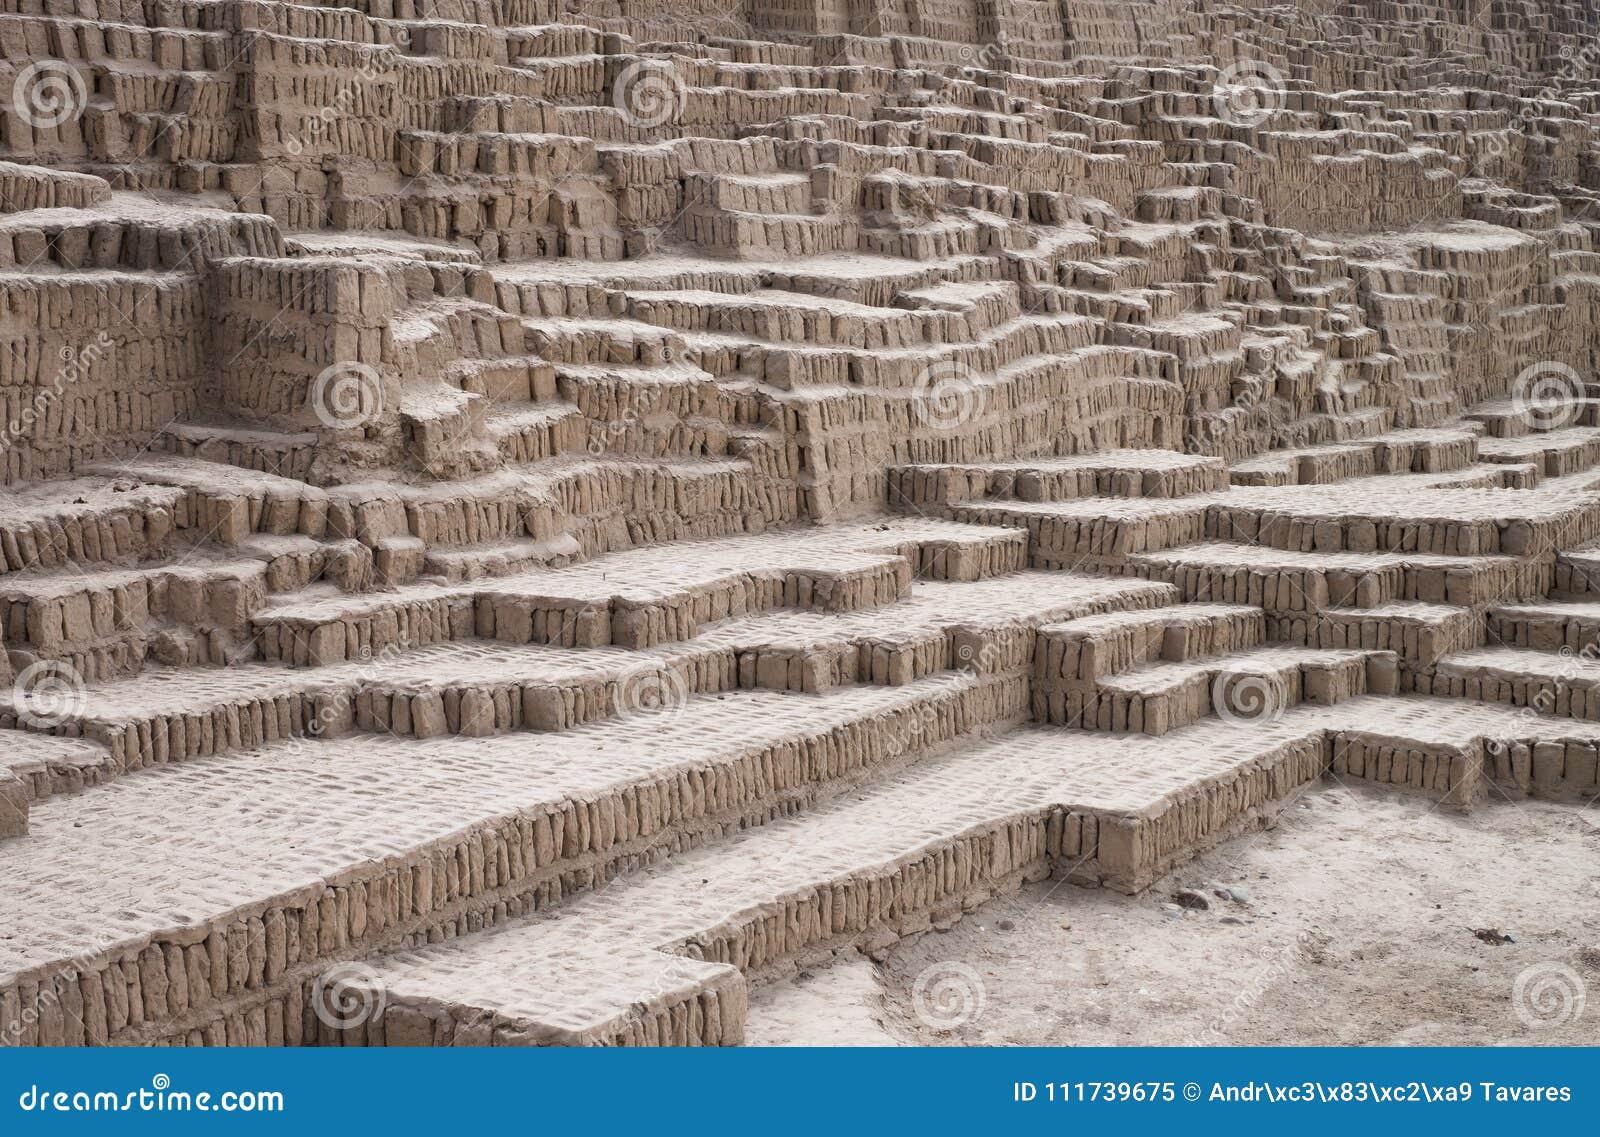 Incaen fördärvar texturbakgrund, Lima, Peru